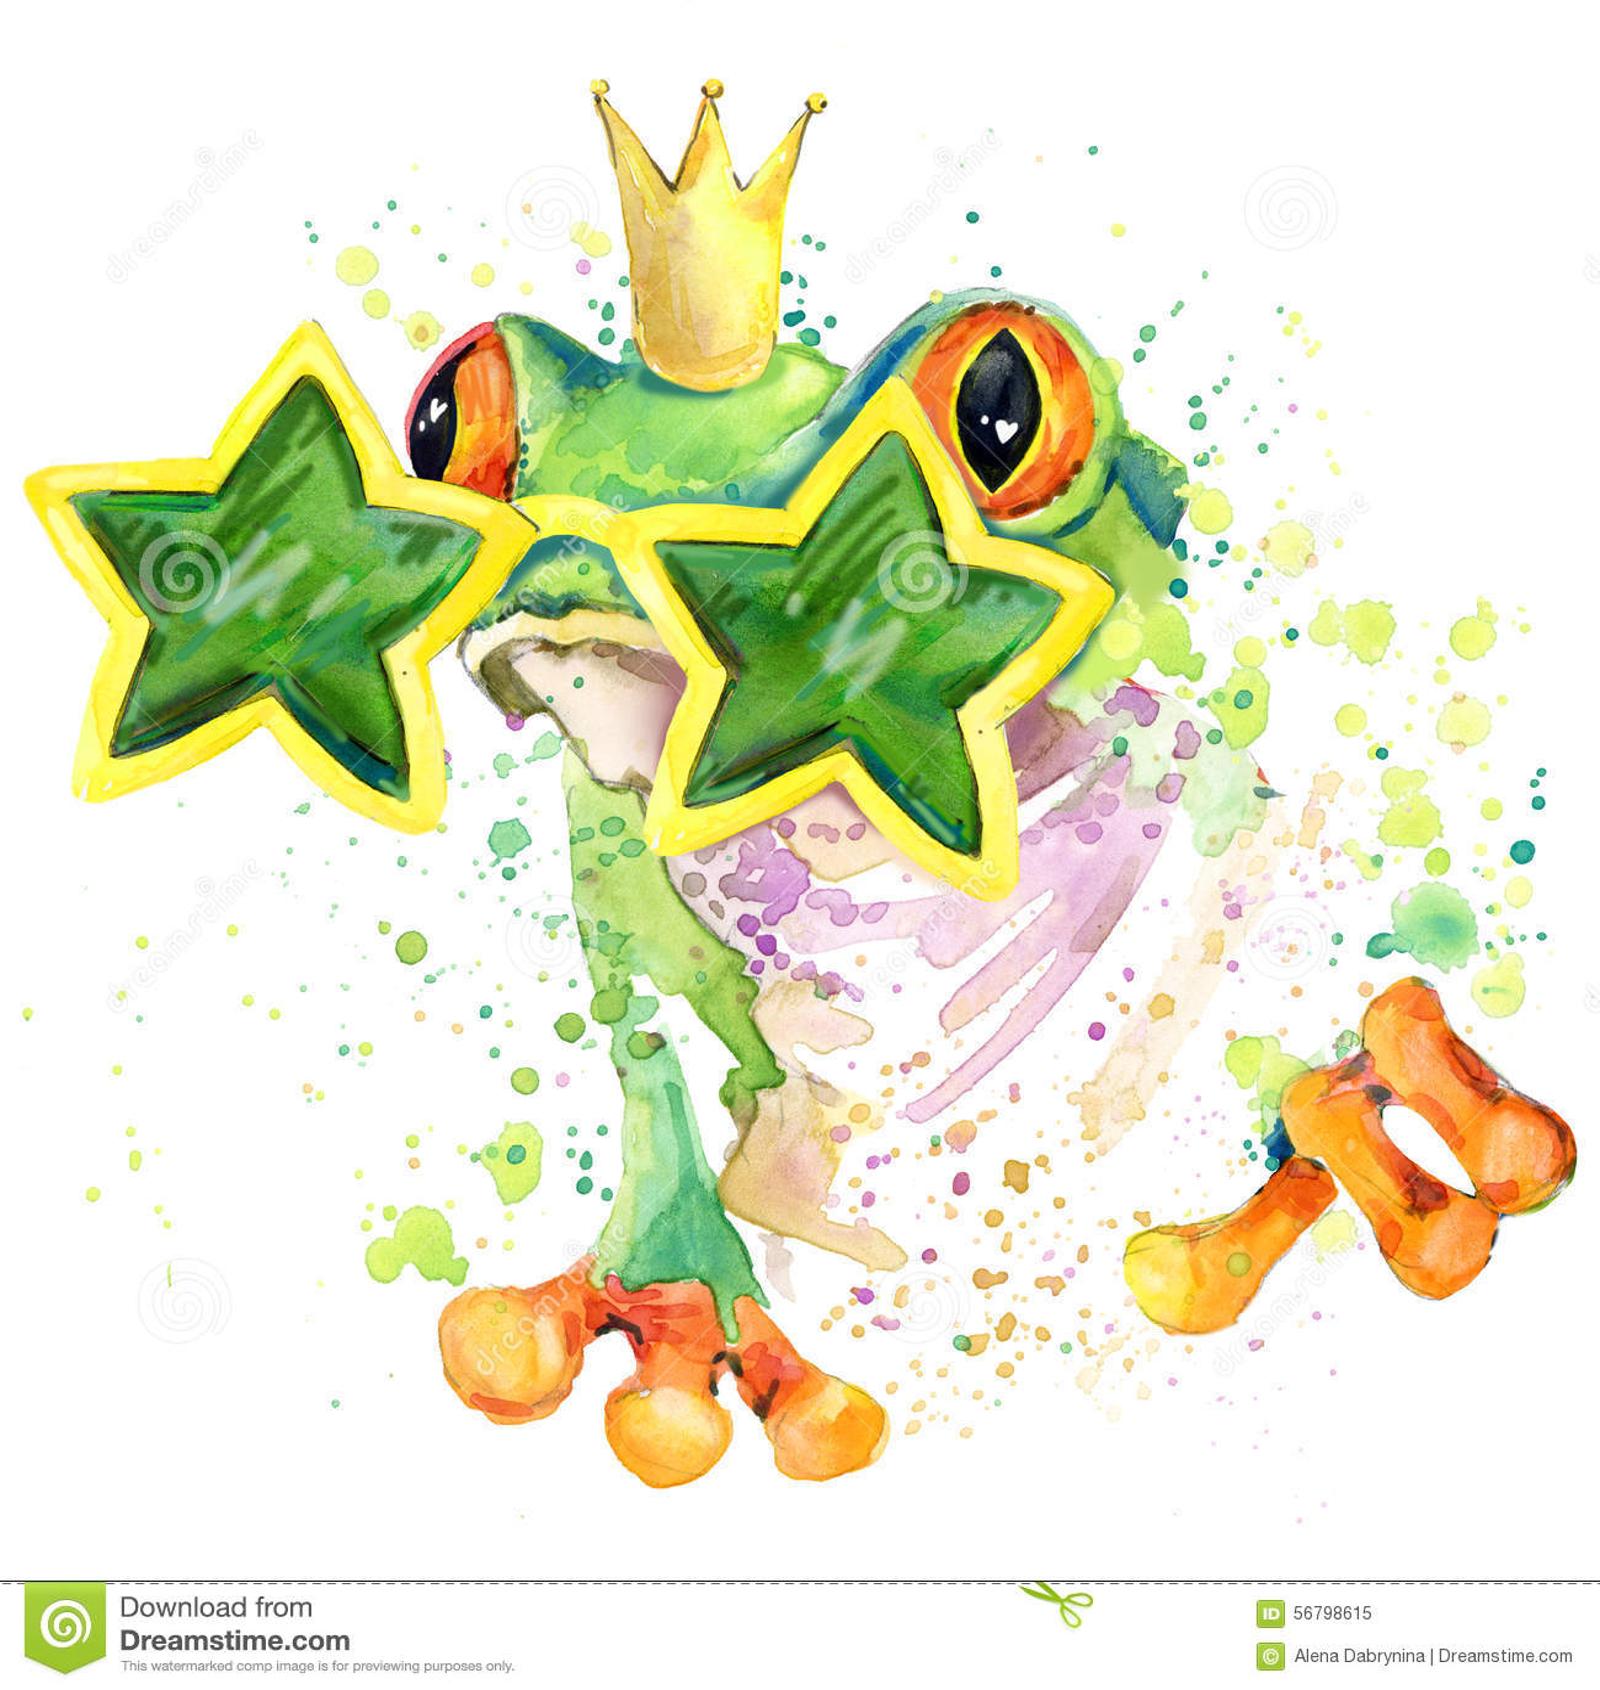 Gráficos frescos do t-shirt da rã a ilustração da rã verde com aquarela do respingo textured o fundo aquarela incomum da ilustraç